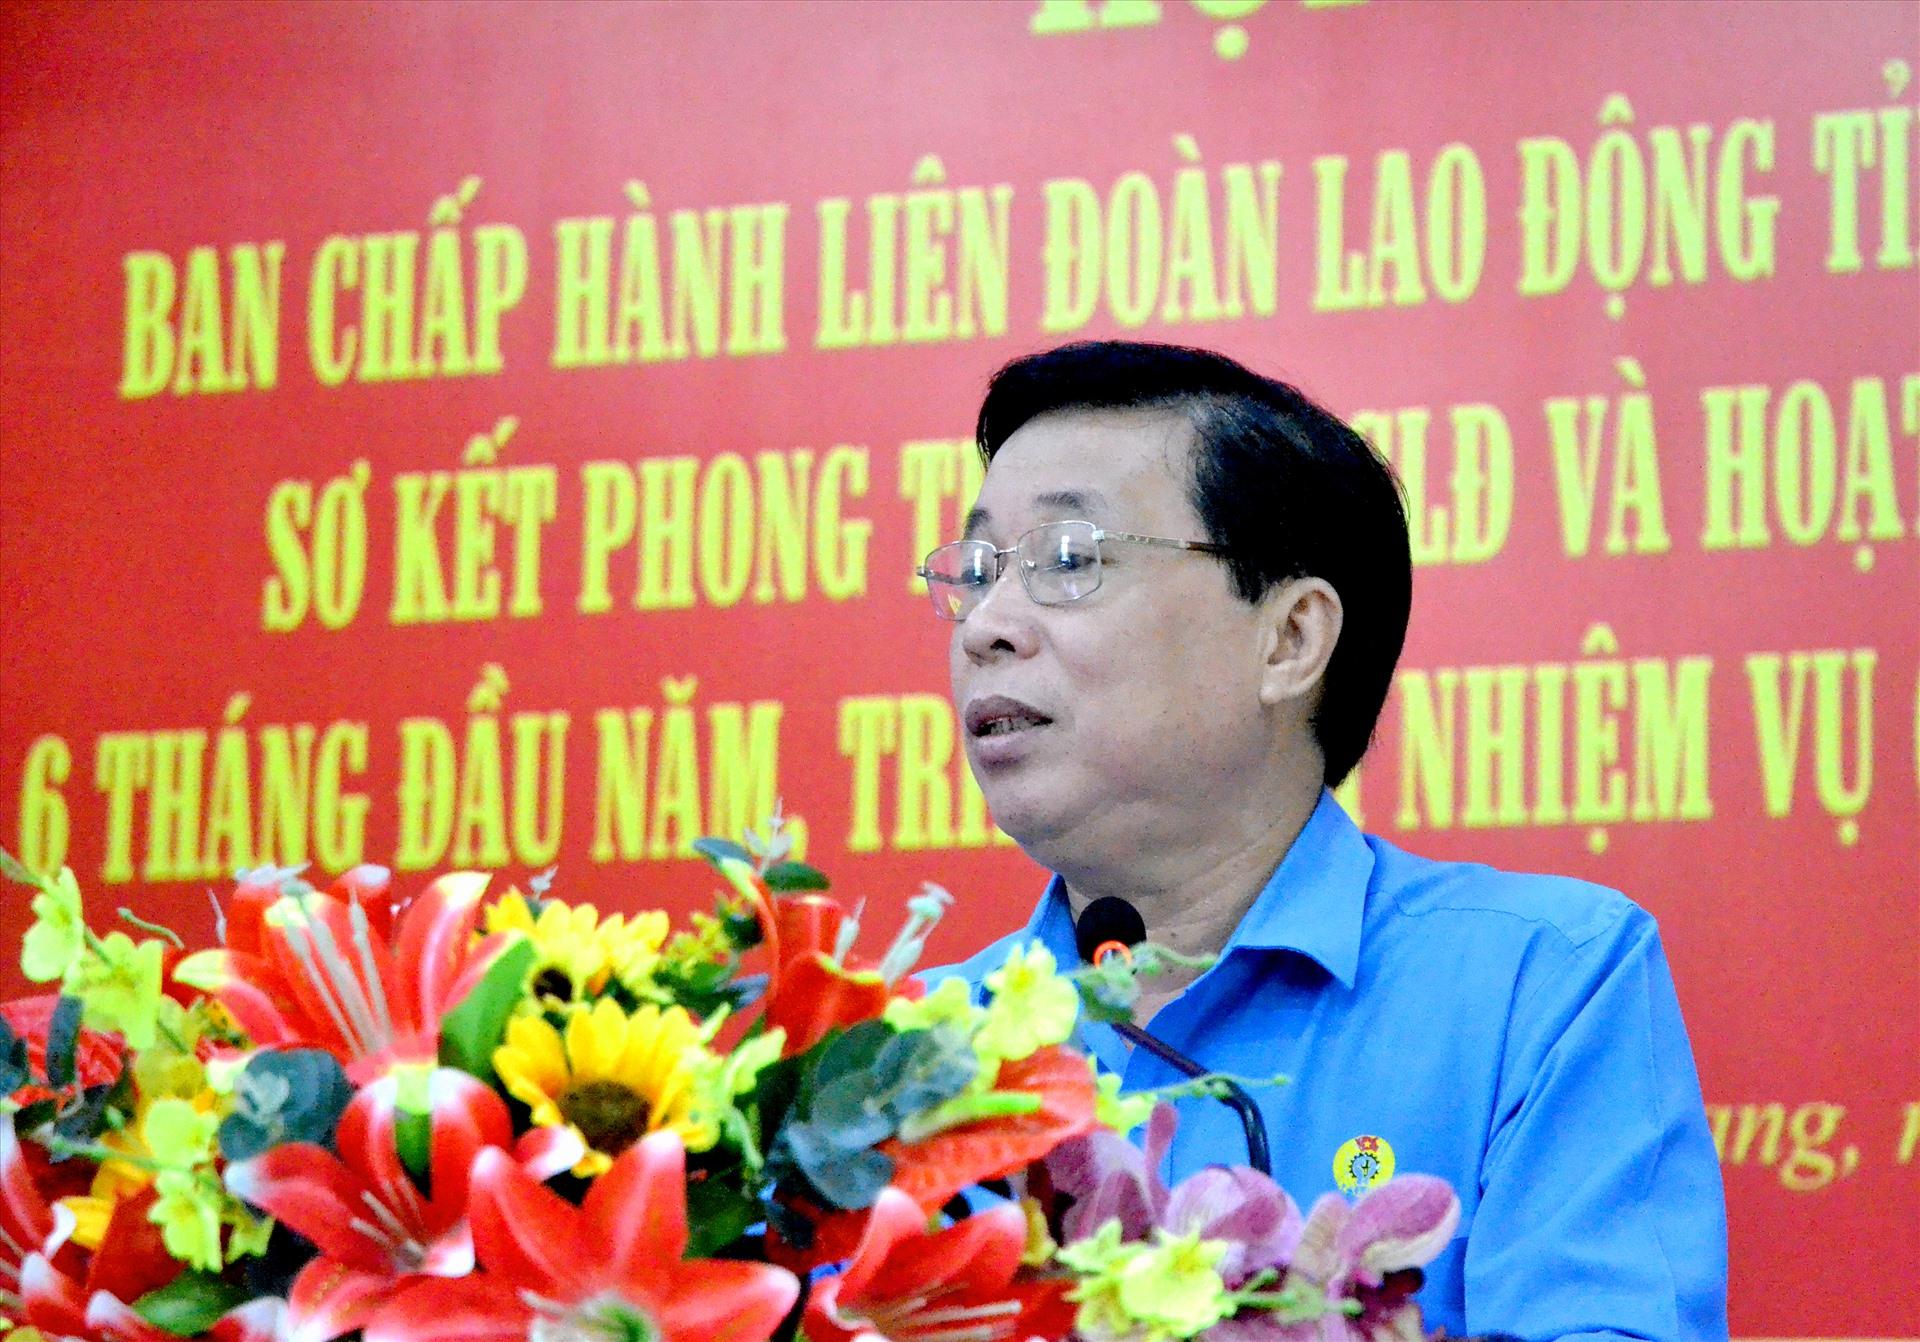 Chủ tịch LĐLĐ Kiên Giang Trần Thanh Việt. Ảnh: LT